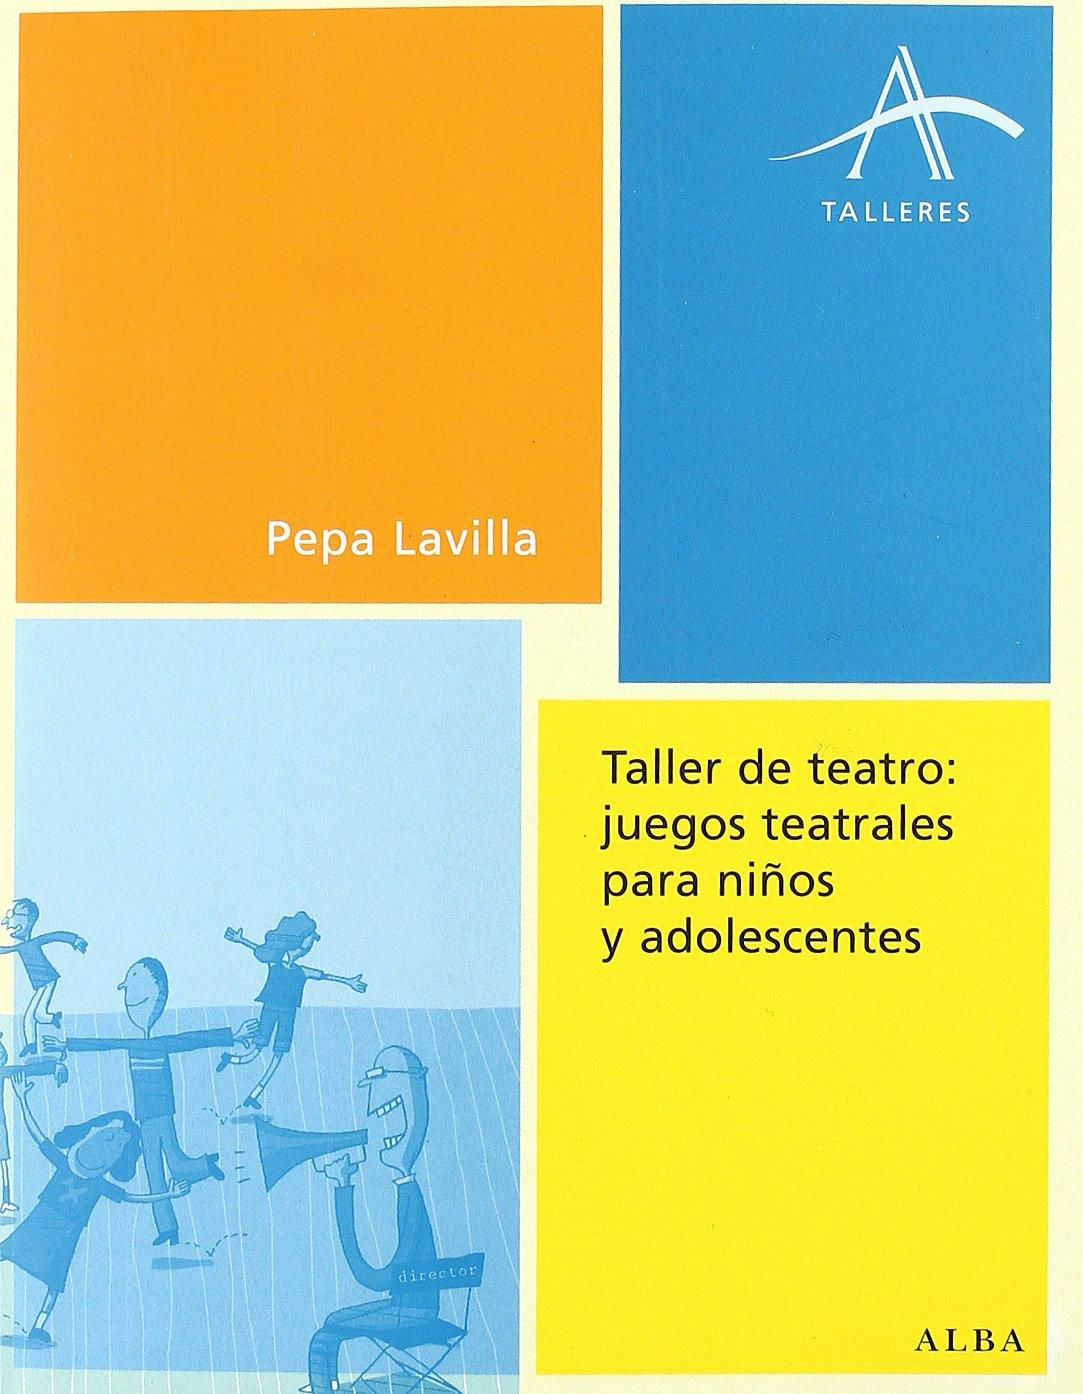 Taller de Teatro- Pepa Lavilla